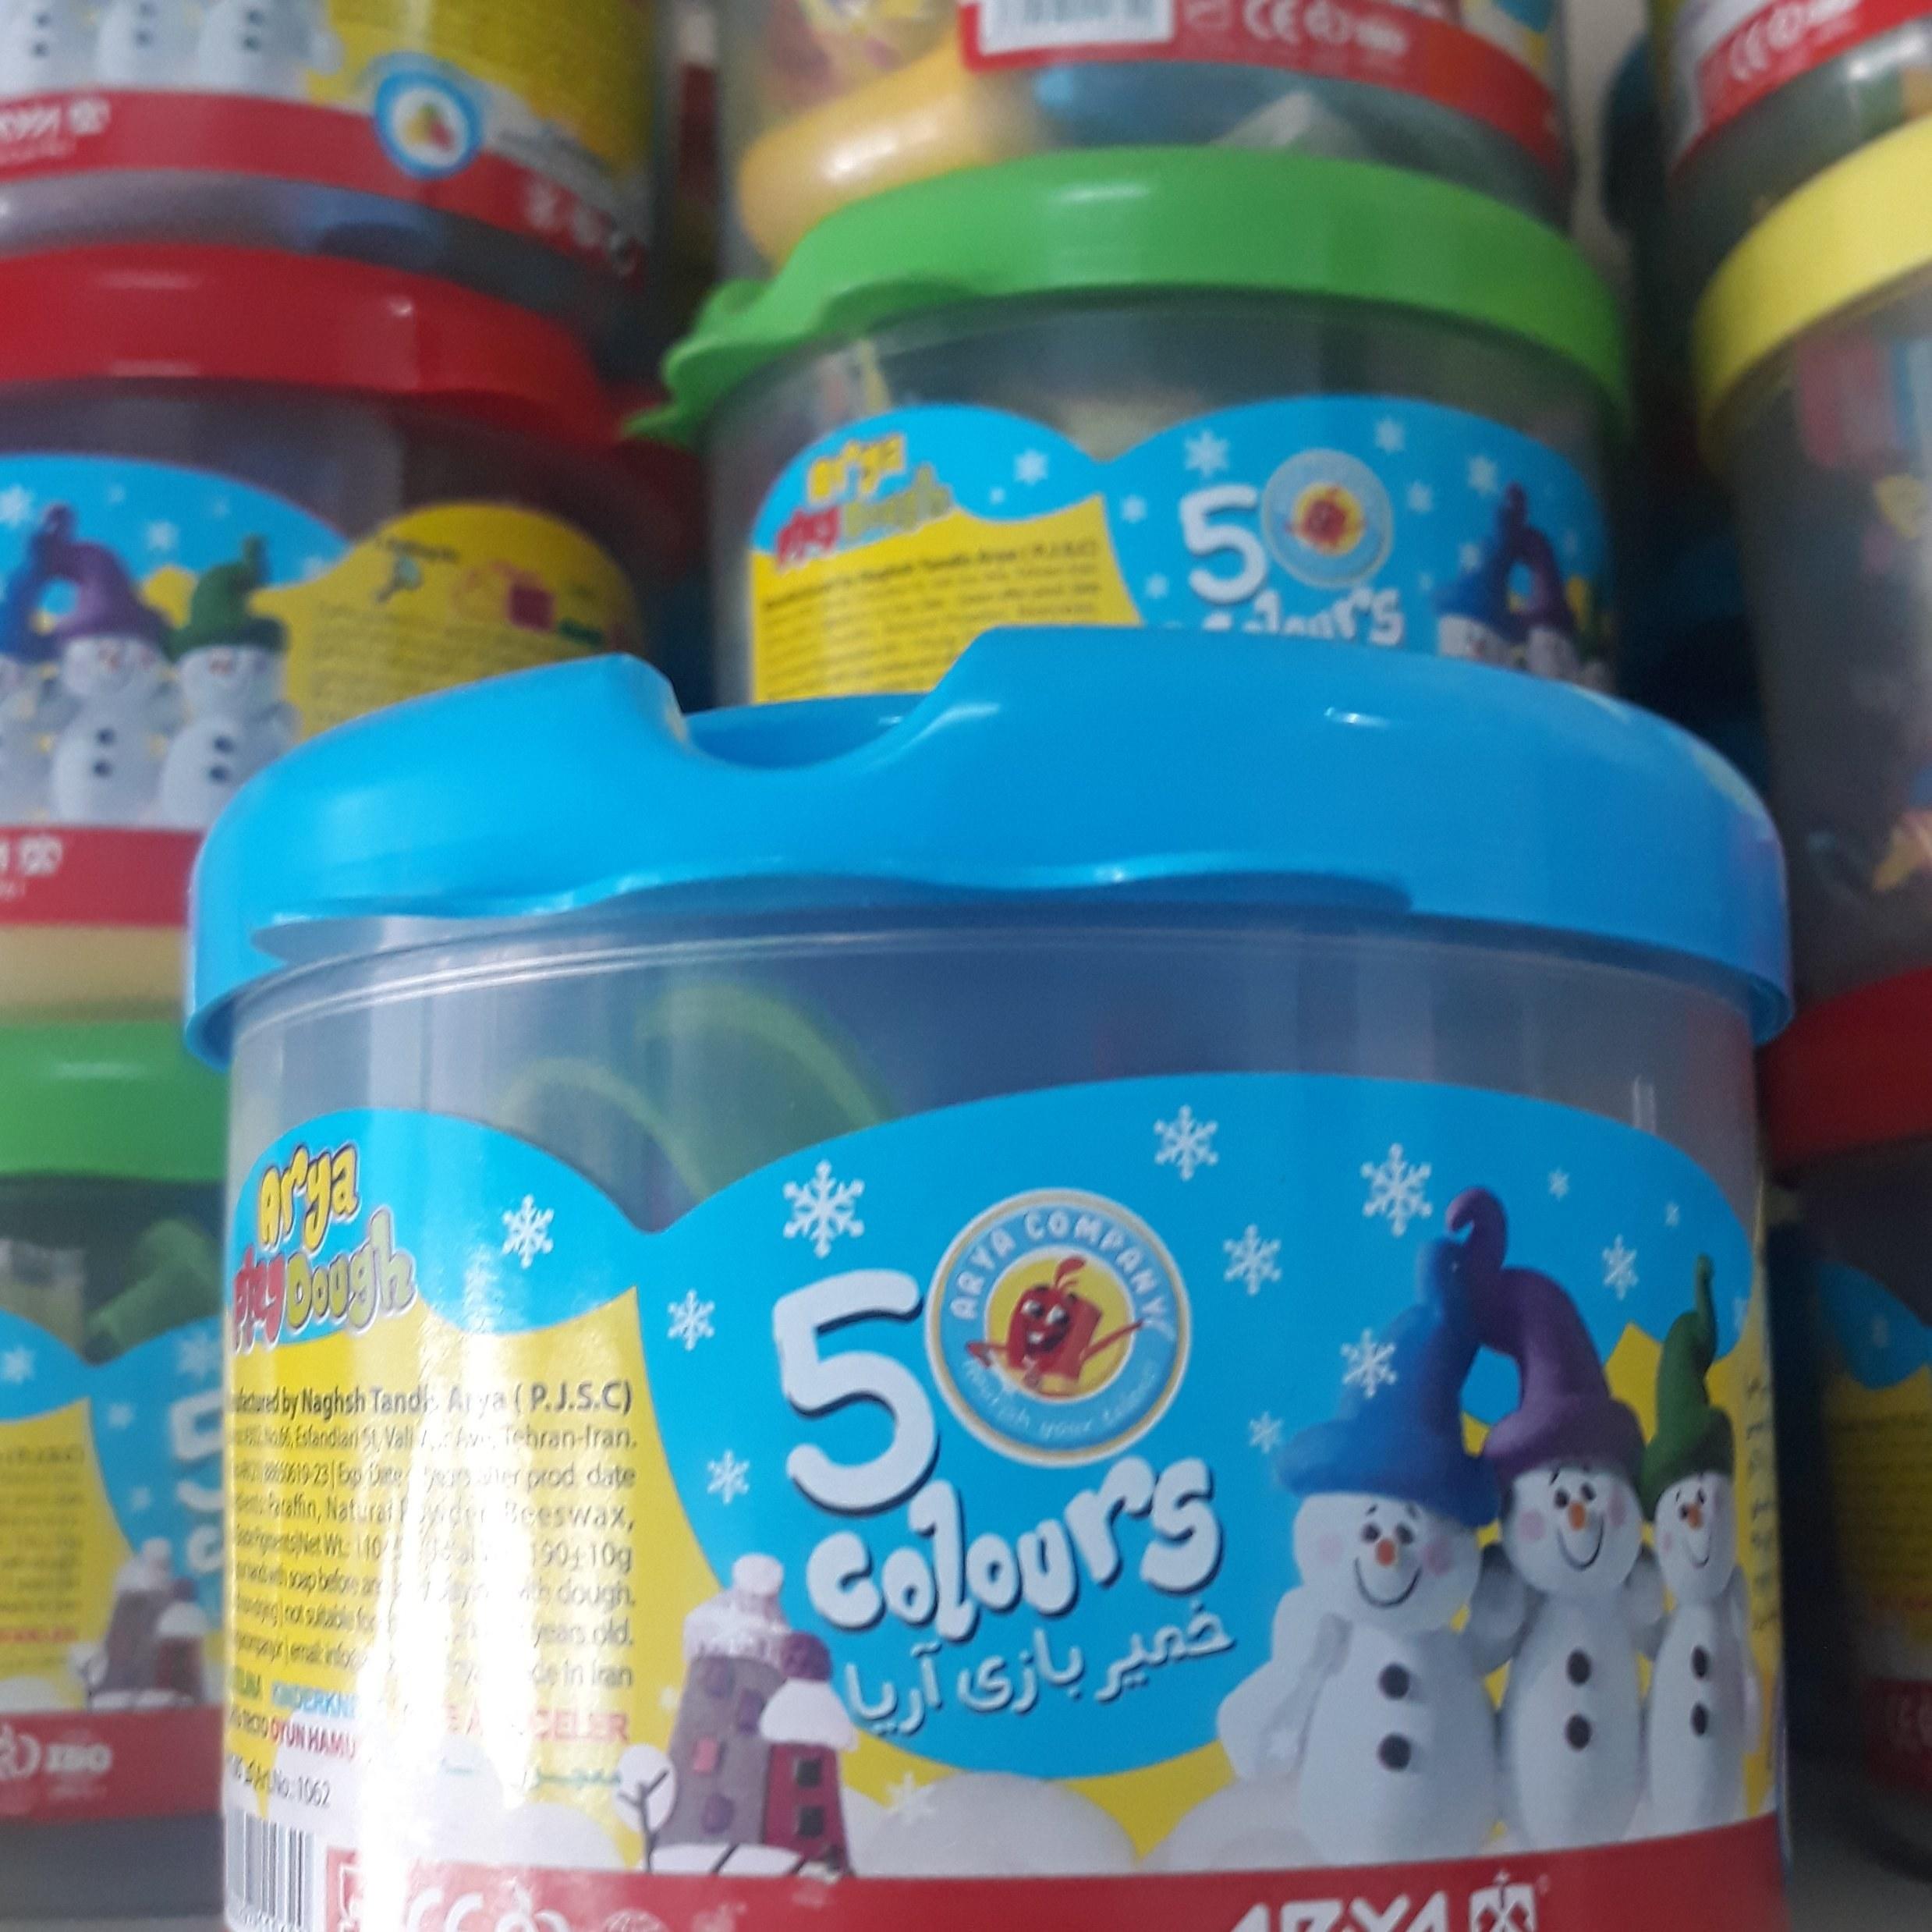 تصویر خمیر بازی 5 رنگ سطلی آریا کد  1062 ا Arya ۱۰۶۲ Play Dough - ۵ colors Arya ۱۰۶۲ Play Dough - ۵ colors